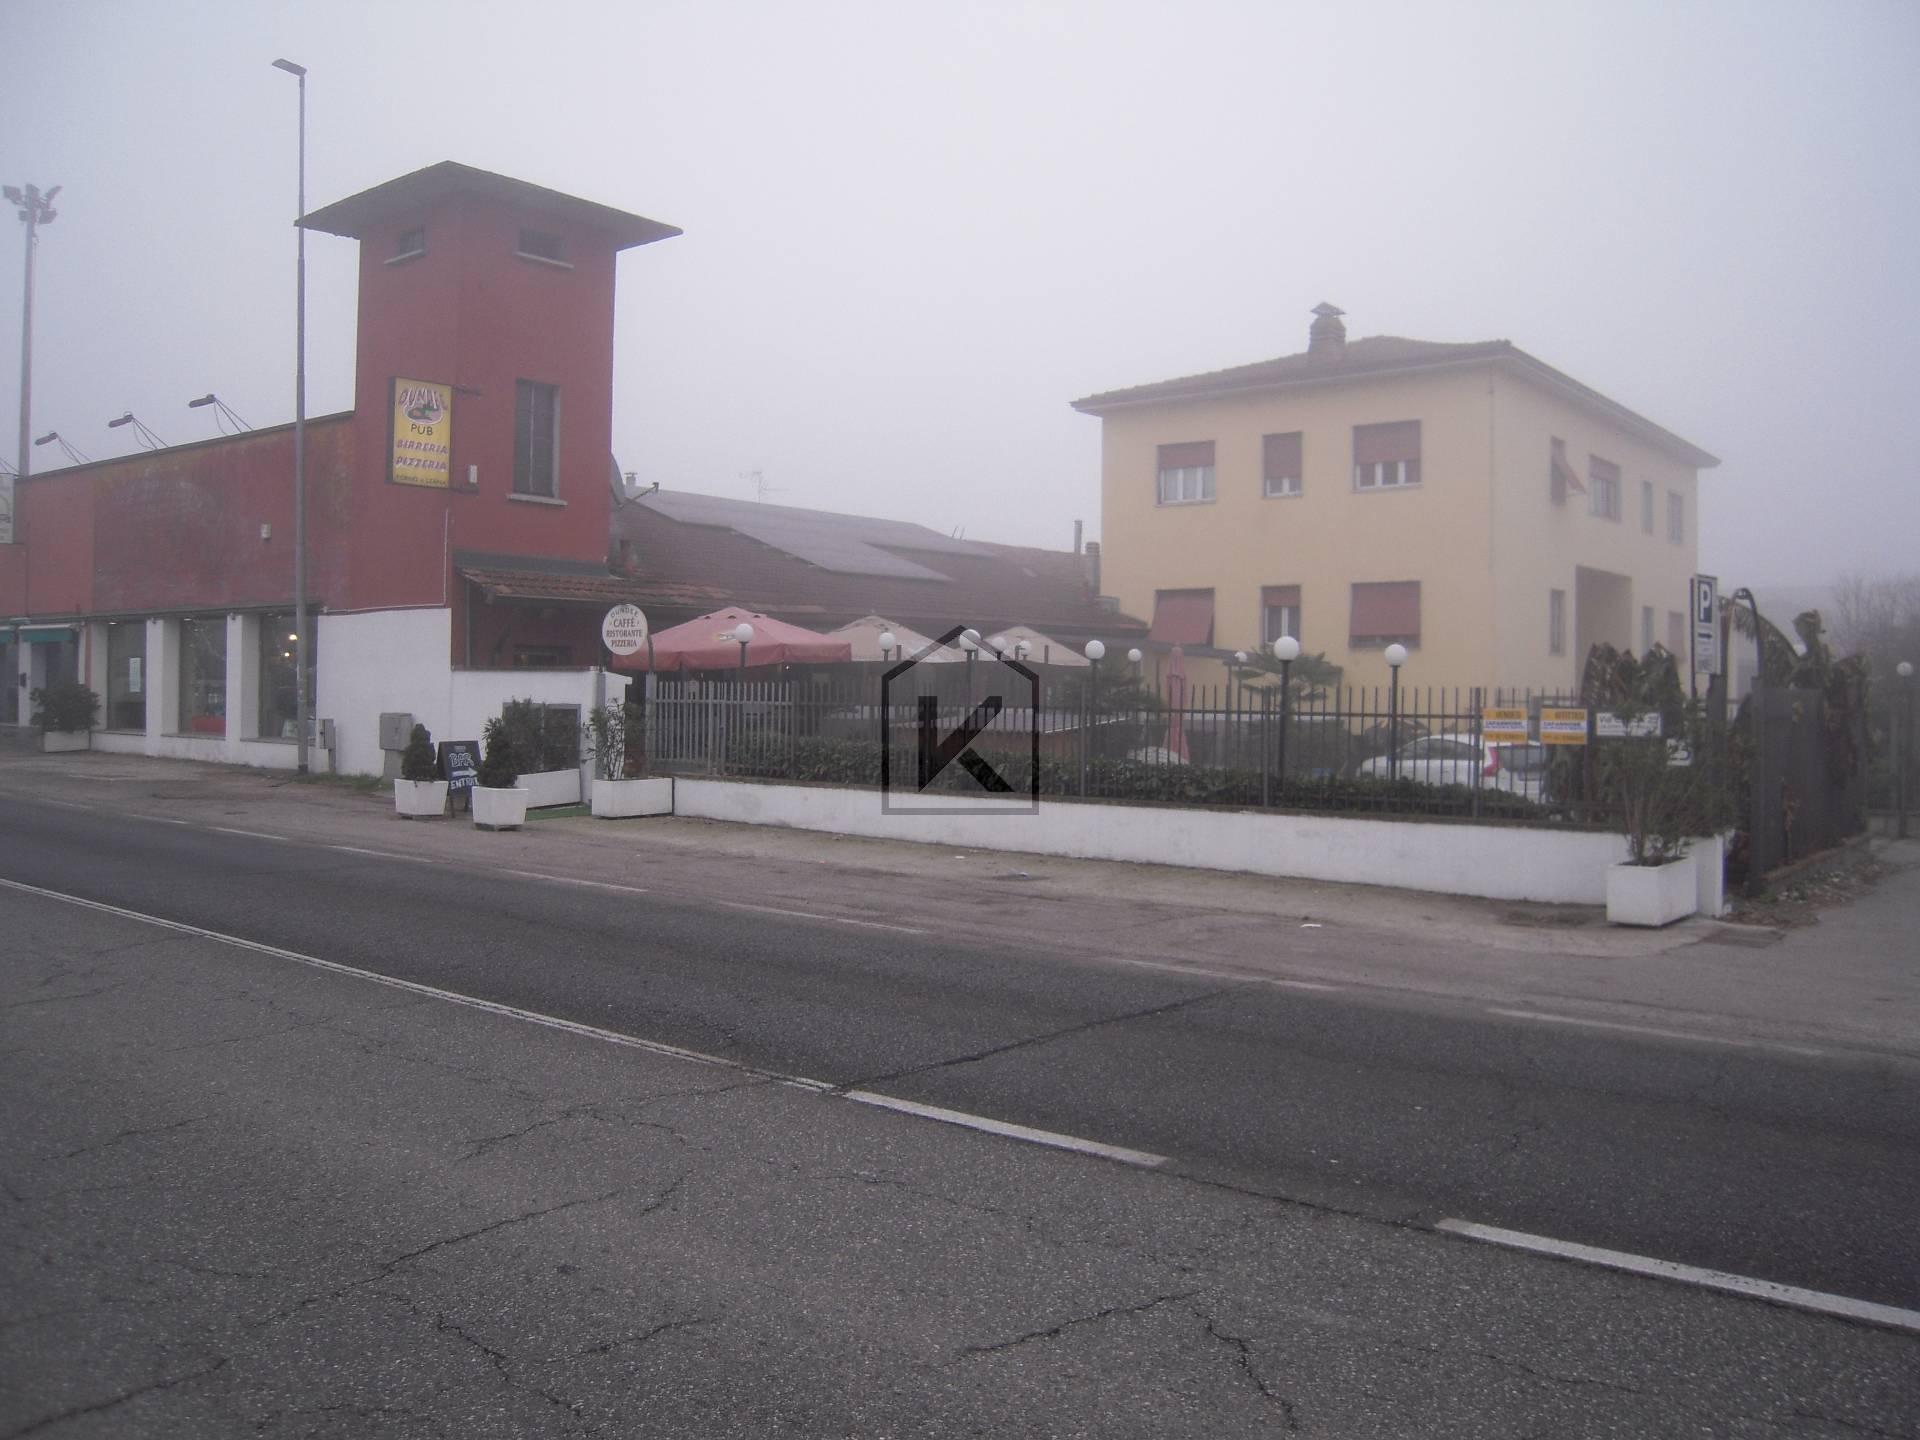 Negozio-locale in Vendita a Settala: 2 locali, 300 mq